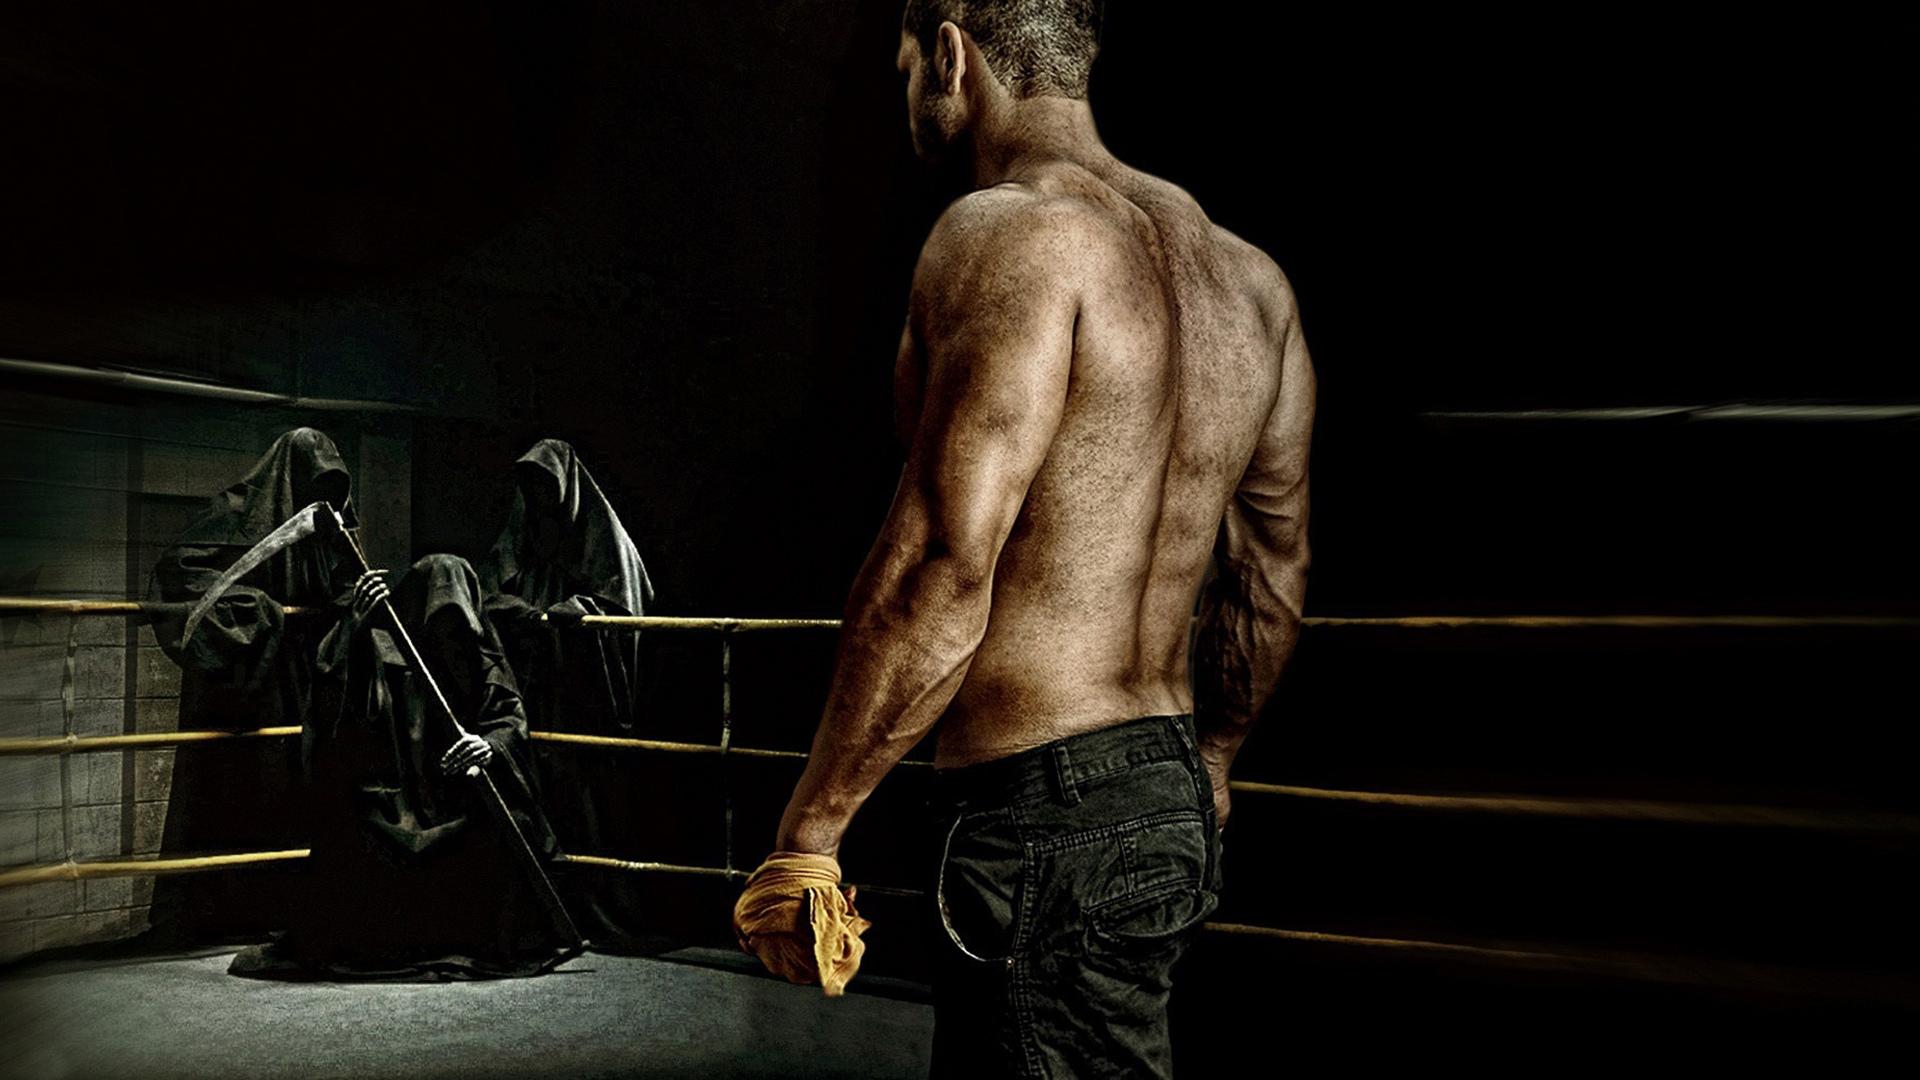 Картинки с боксом на черном фоне, красивыми